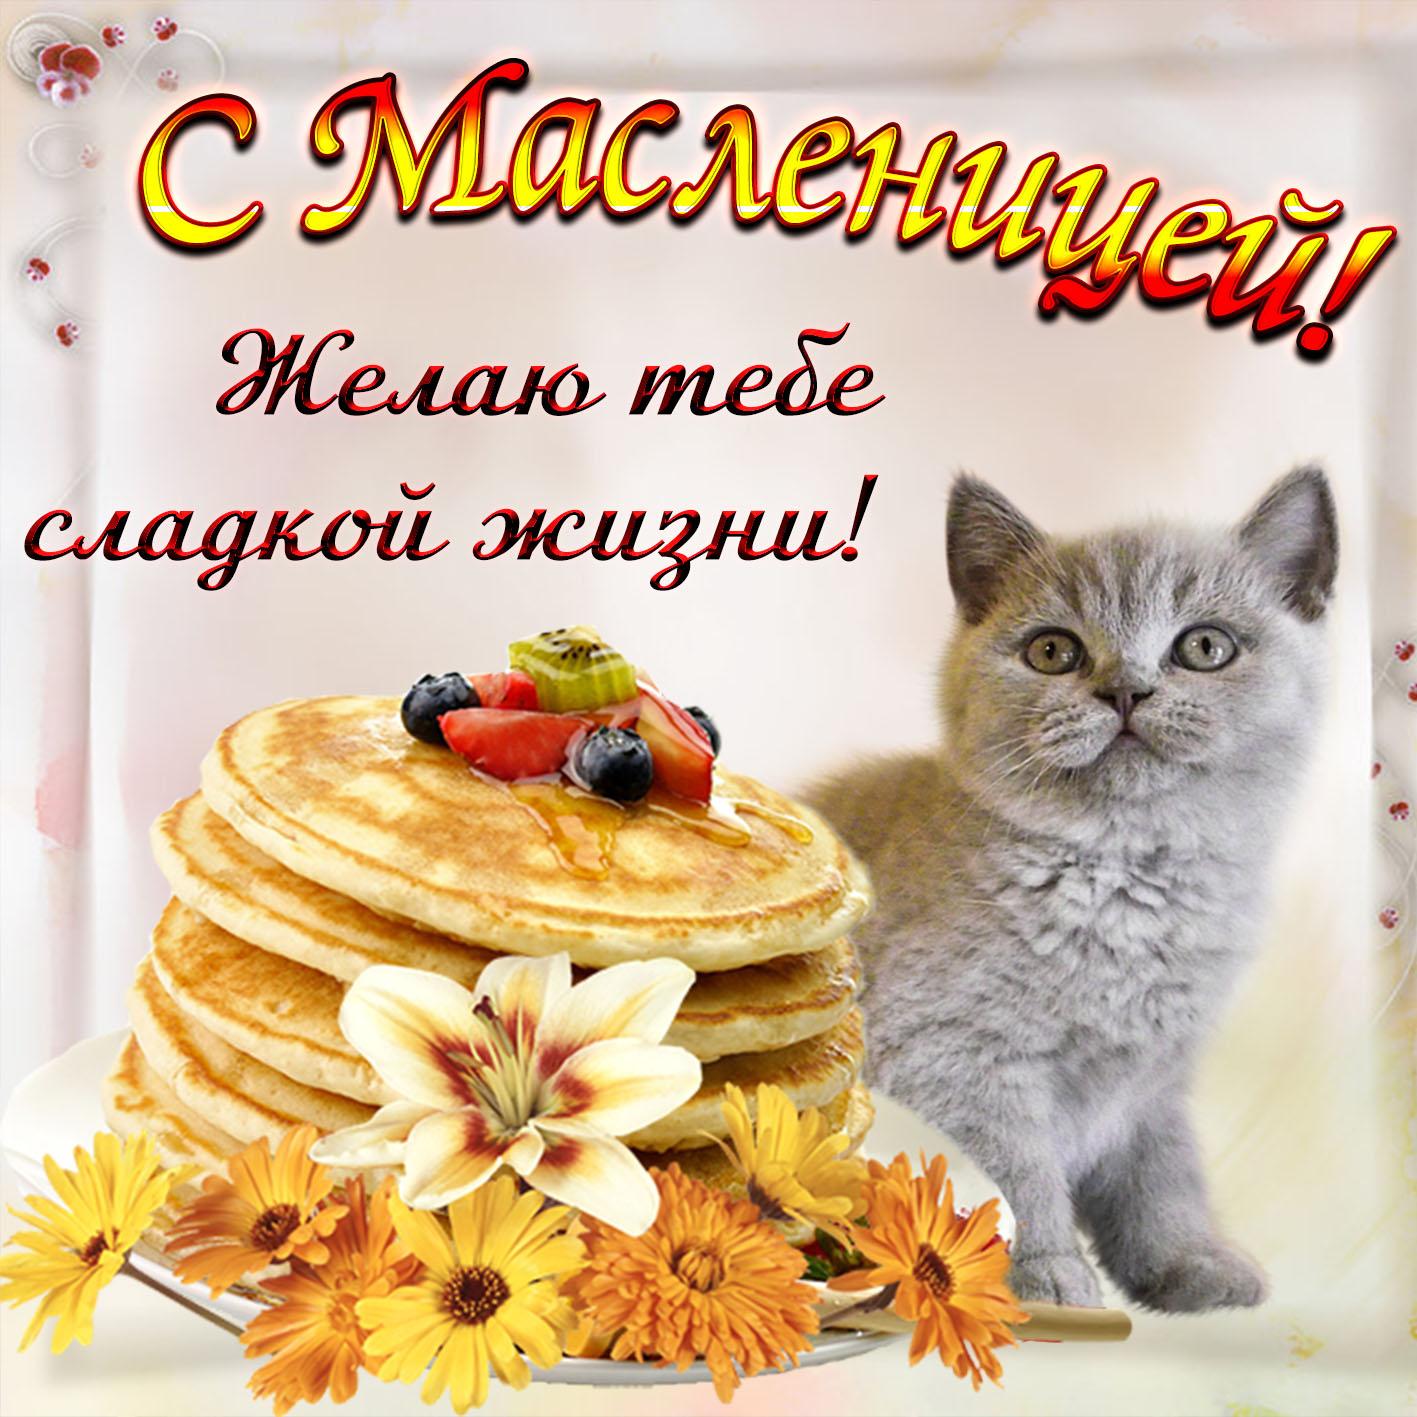 Открытка - милый котик поздравляет с Масленицей